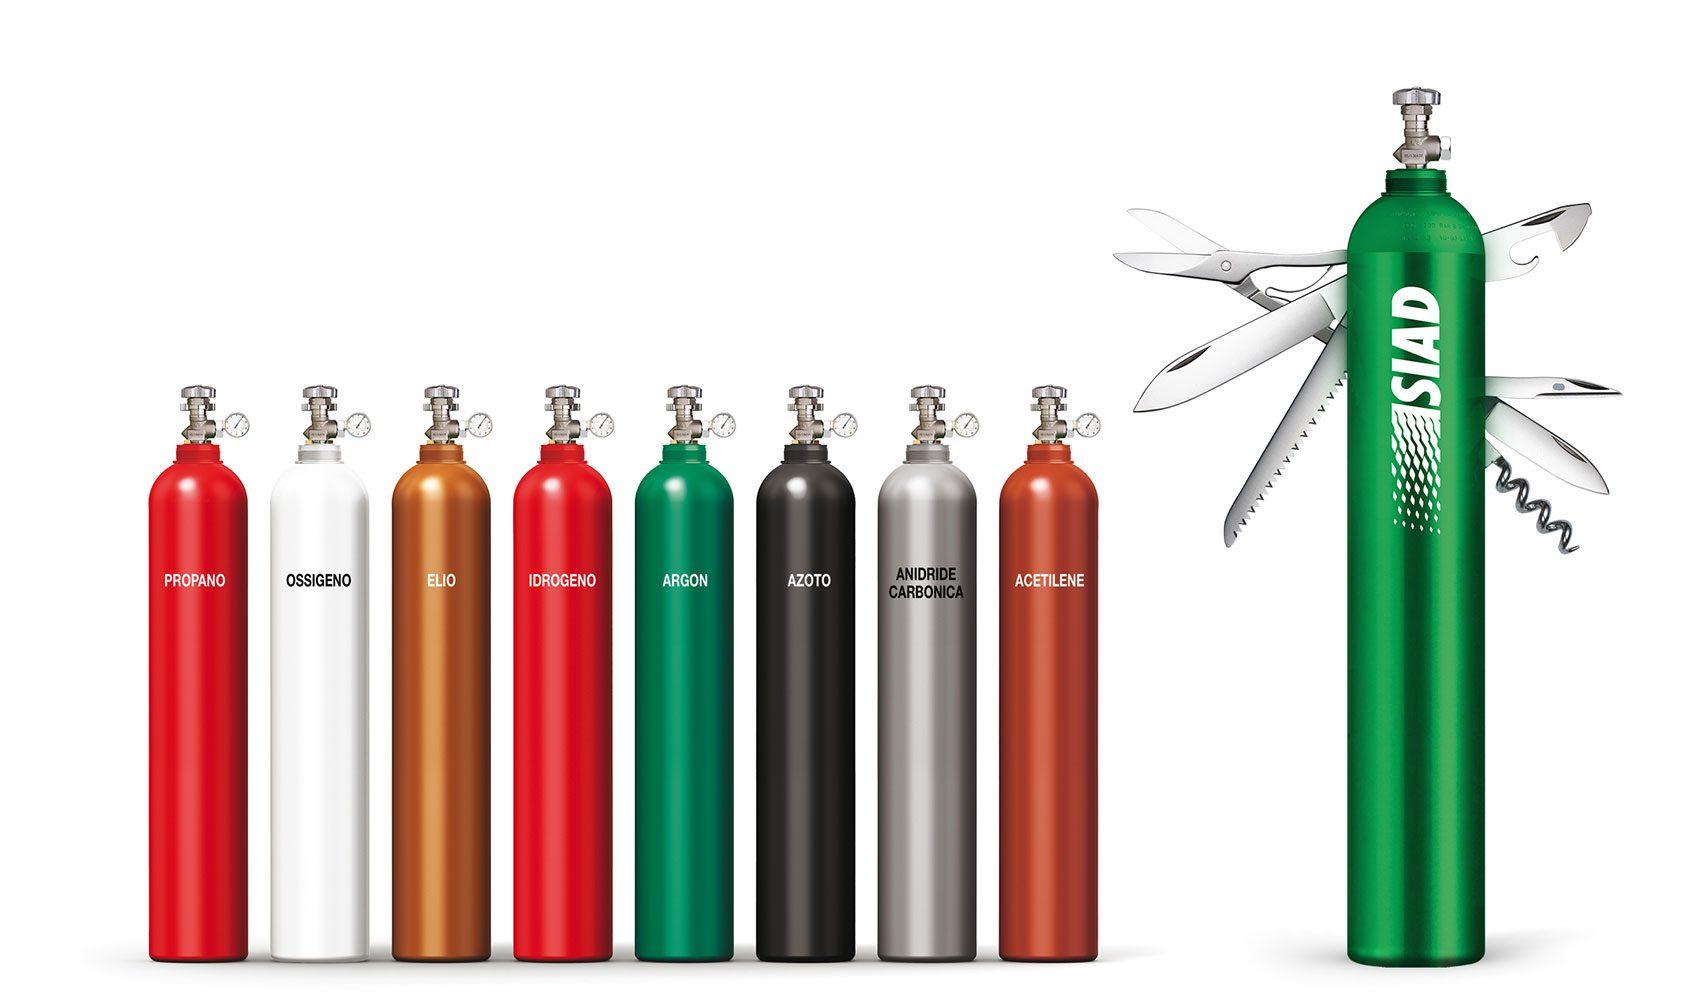 SERVIZI FORNITURA GAS INDUSTRIALI MODENA